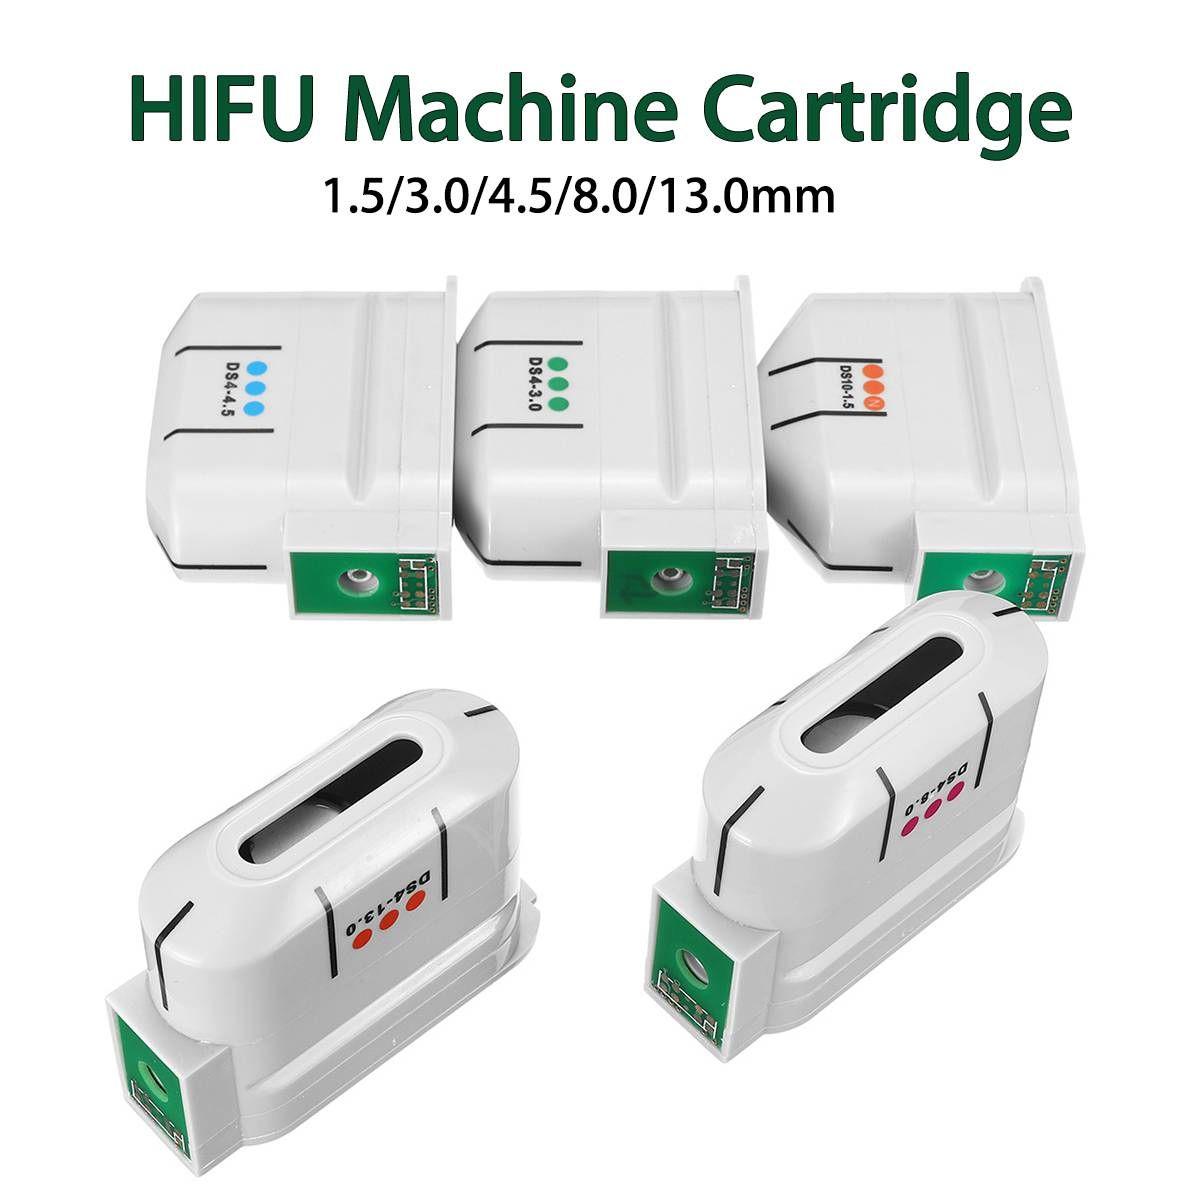 Замена картриджей 10000 выстрелов для ультразвук высокой интенсивности сфокусированный машина HIFU лифтинг кожи лица анти-старения удаления морщин